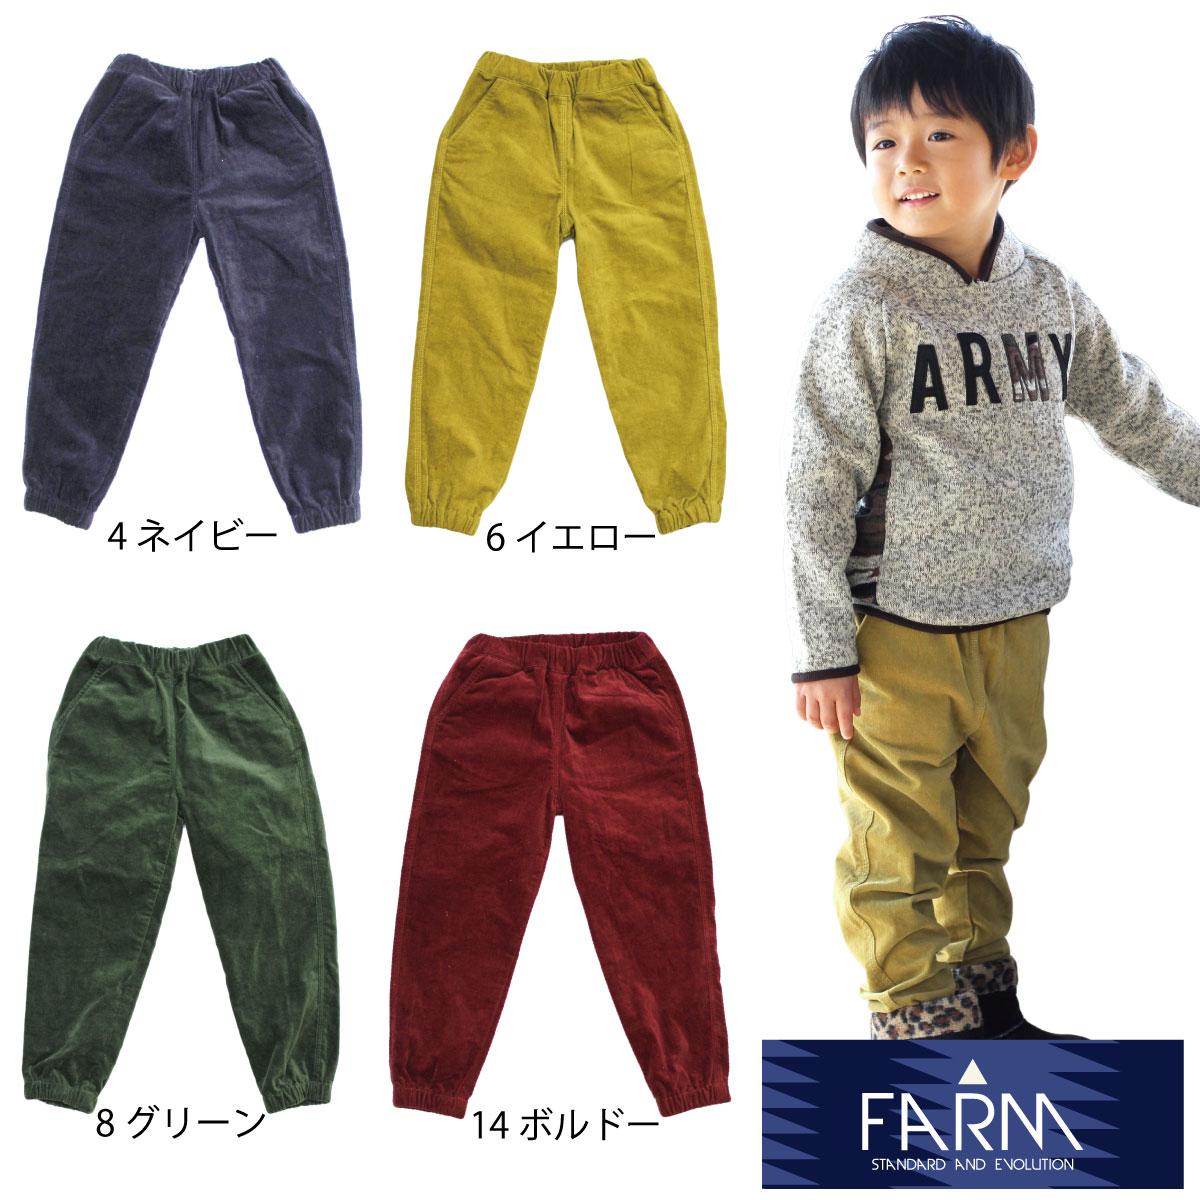 【SiShuNon/FARM】ストレッチコールジョガーパンツ ファーム キッズ ストレッチ コール ジョガー パンツ